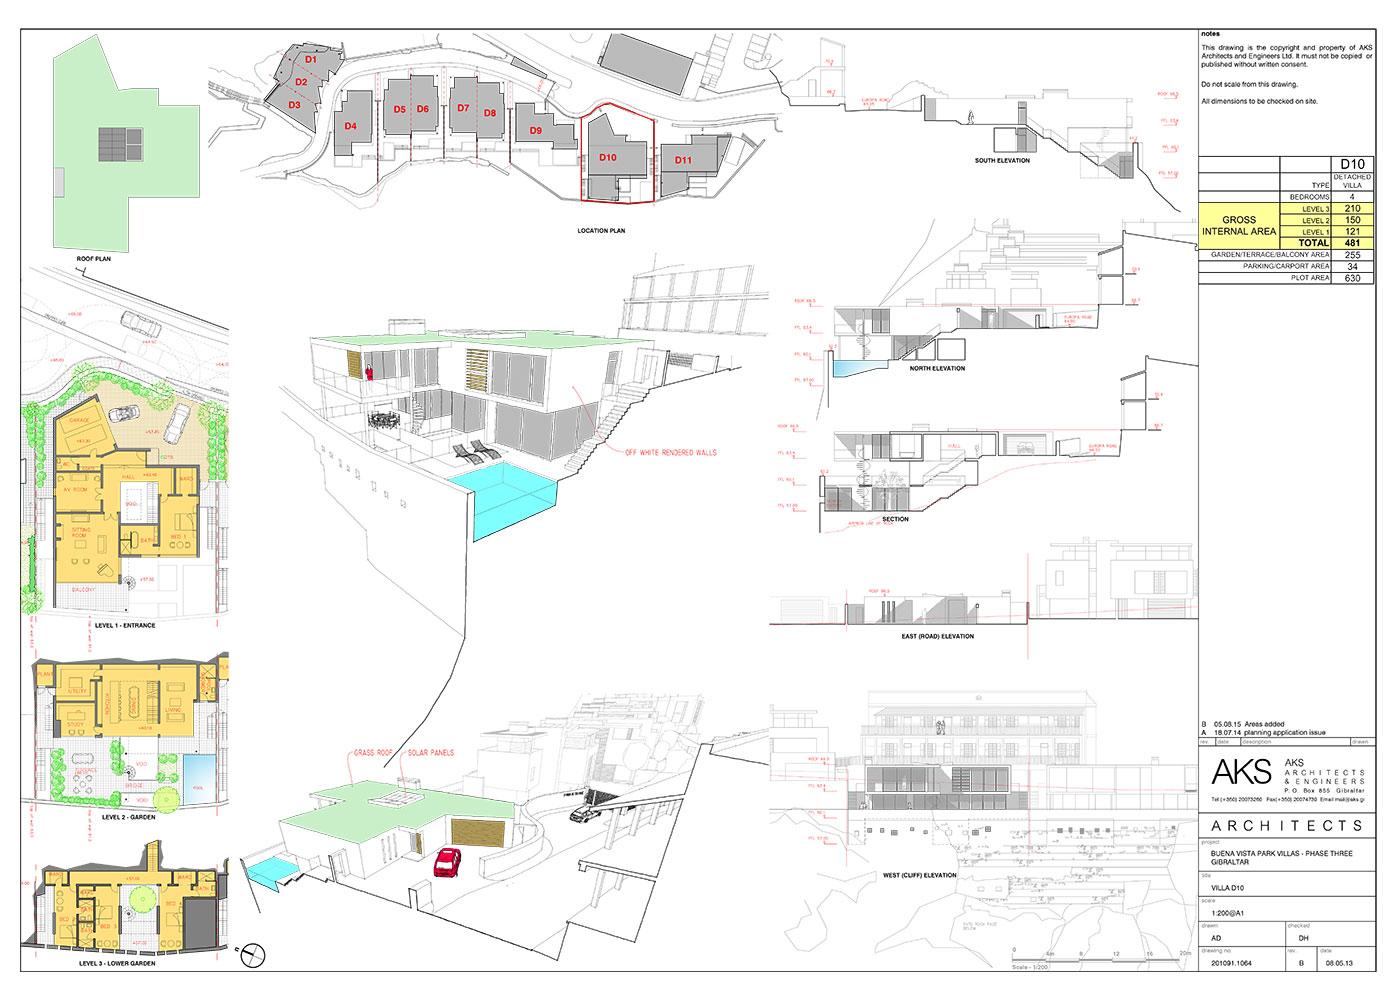 d10 villa floor plan image